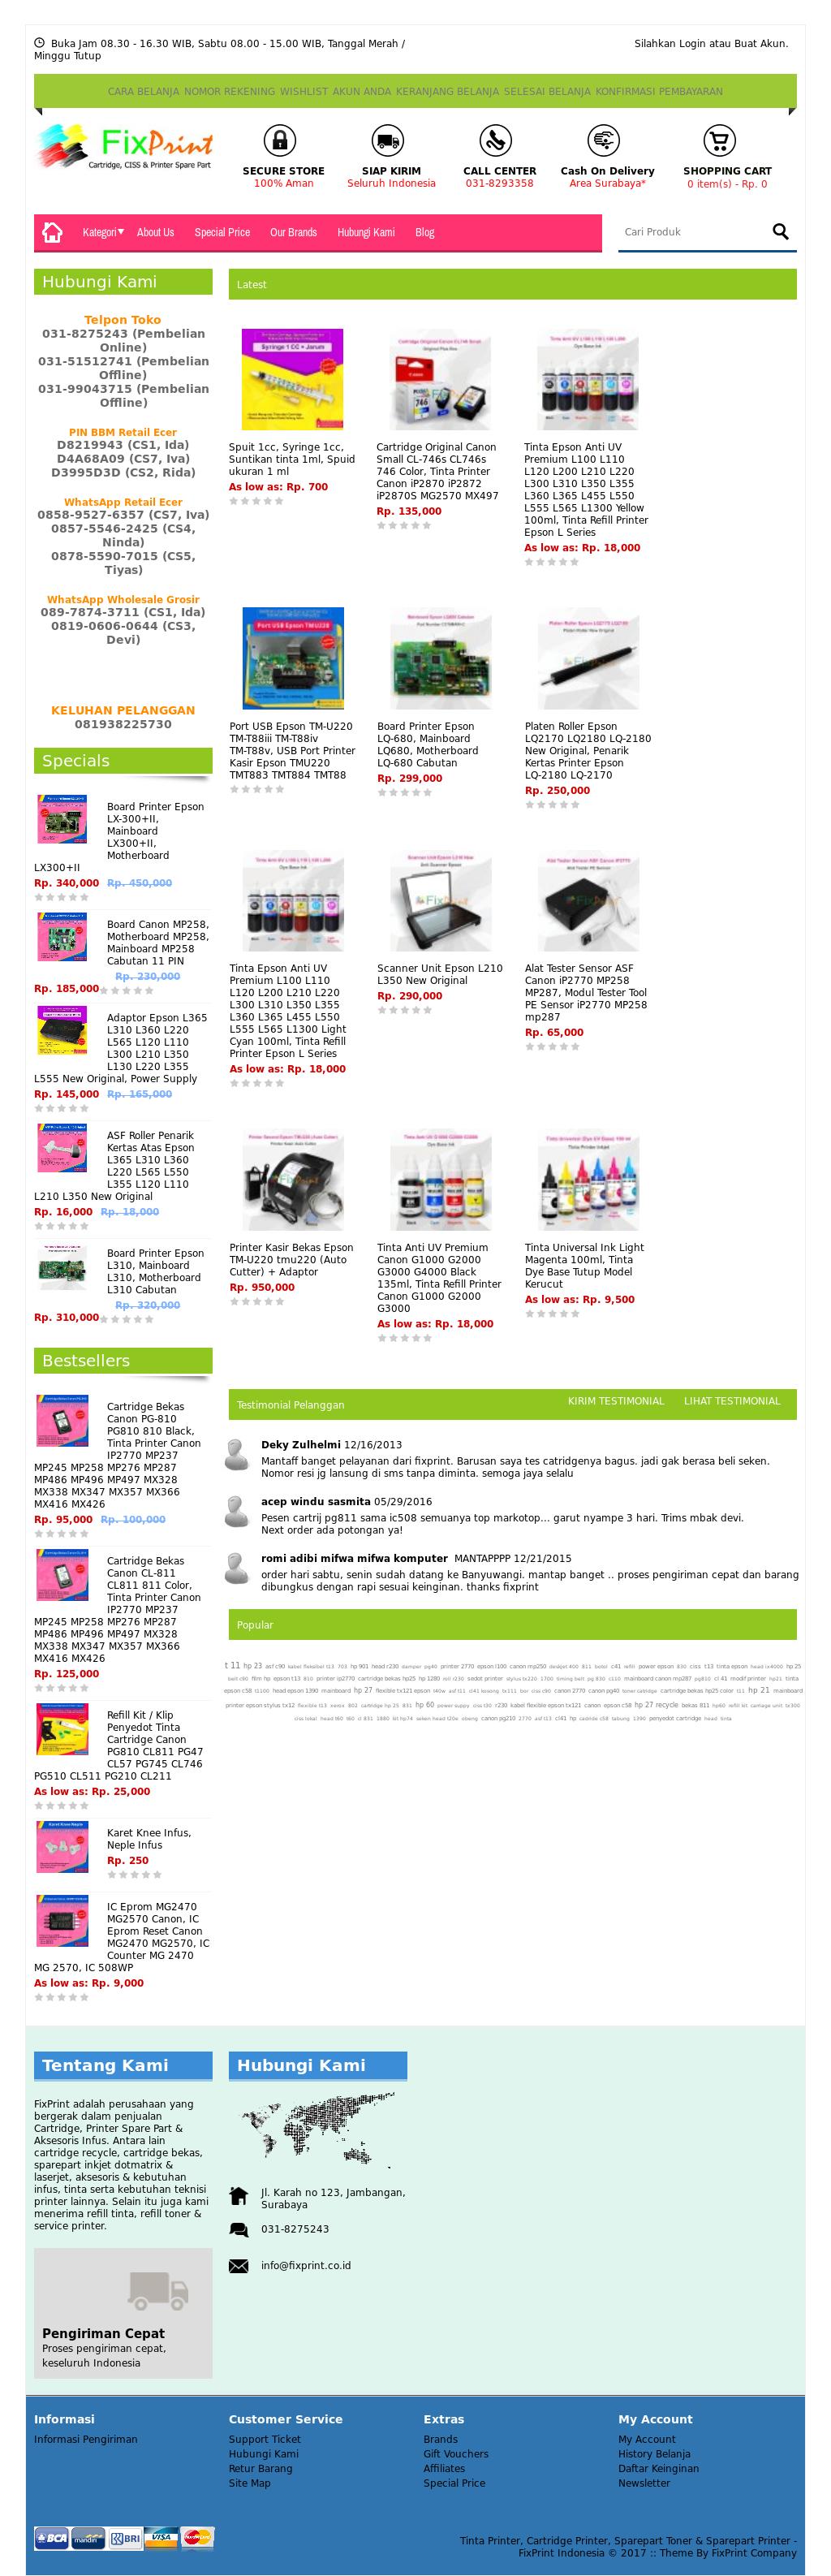 Karet Asf Roller Penarik Kertas L110 L120 L300 L350 L365 L550 L565 Epson L210 L220 L310 L355 L360 L455 L555 New Original Cek Harga Baru Atas Source Fixprint Website